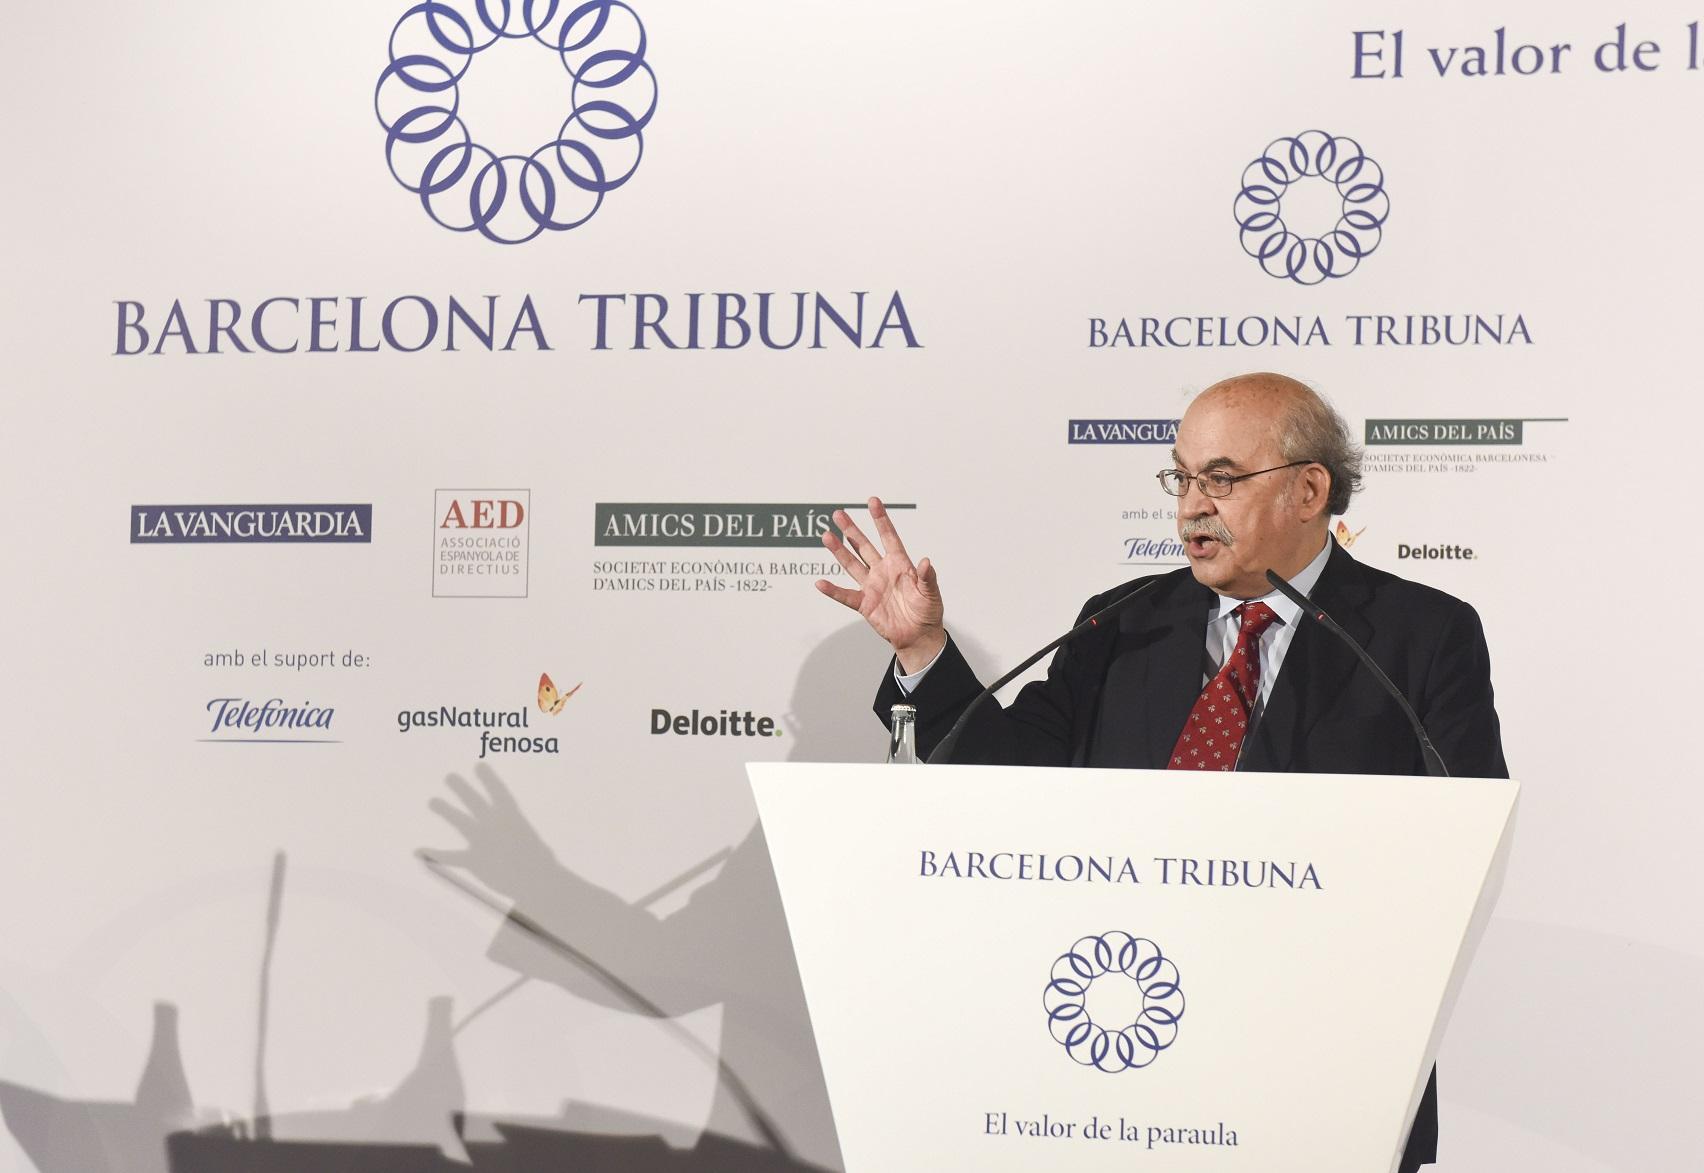 Dr. Andreu Mas-Colell